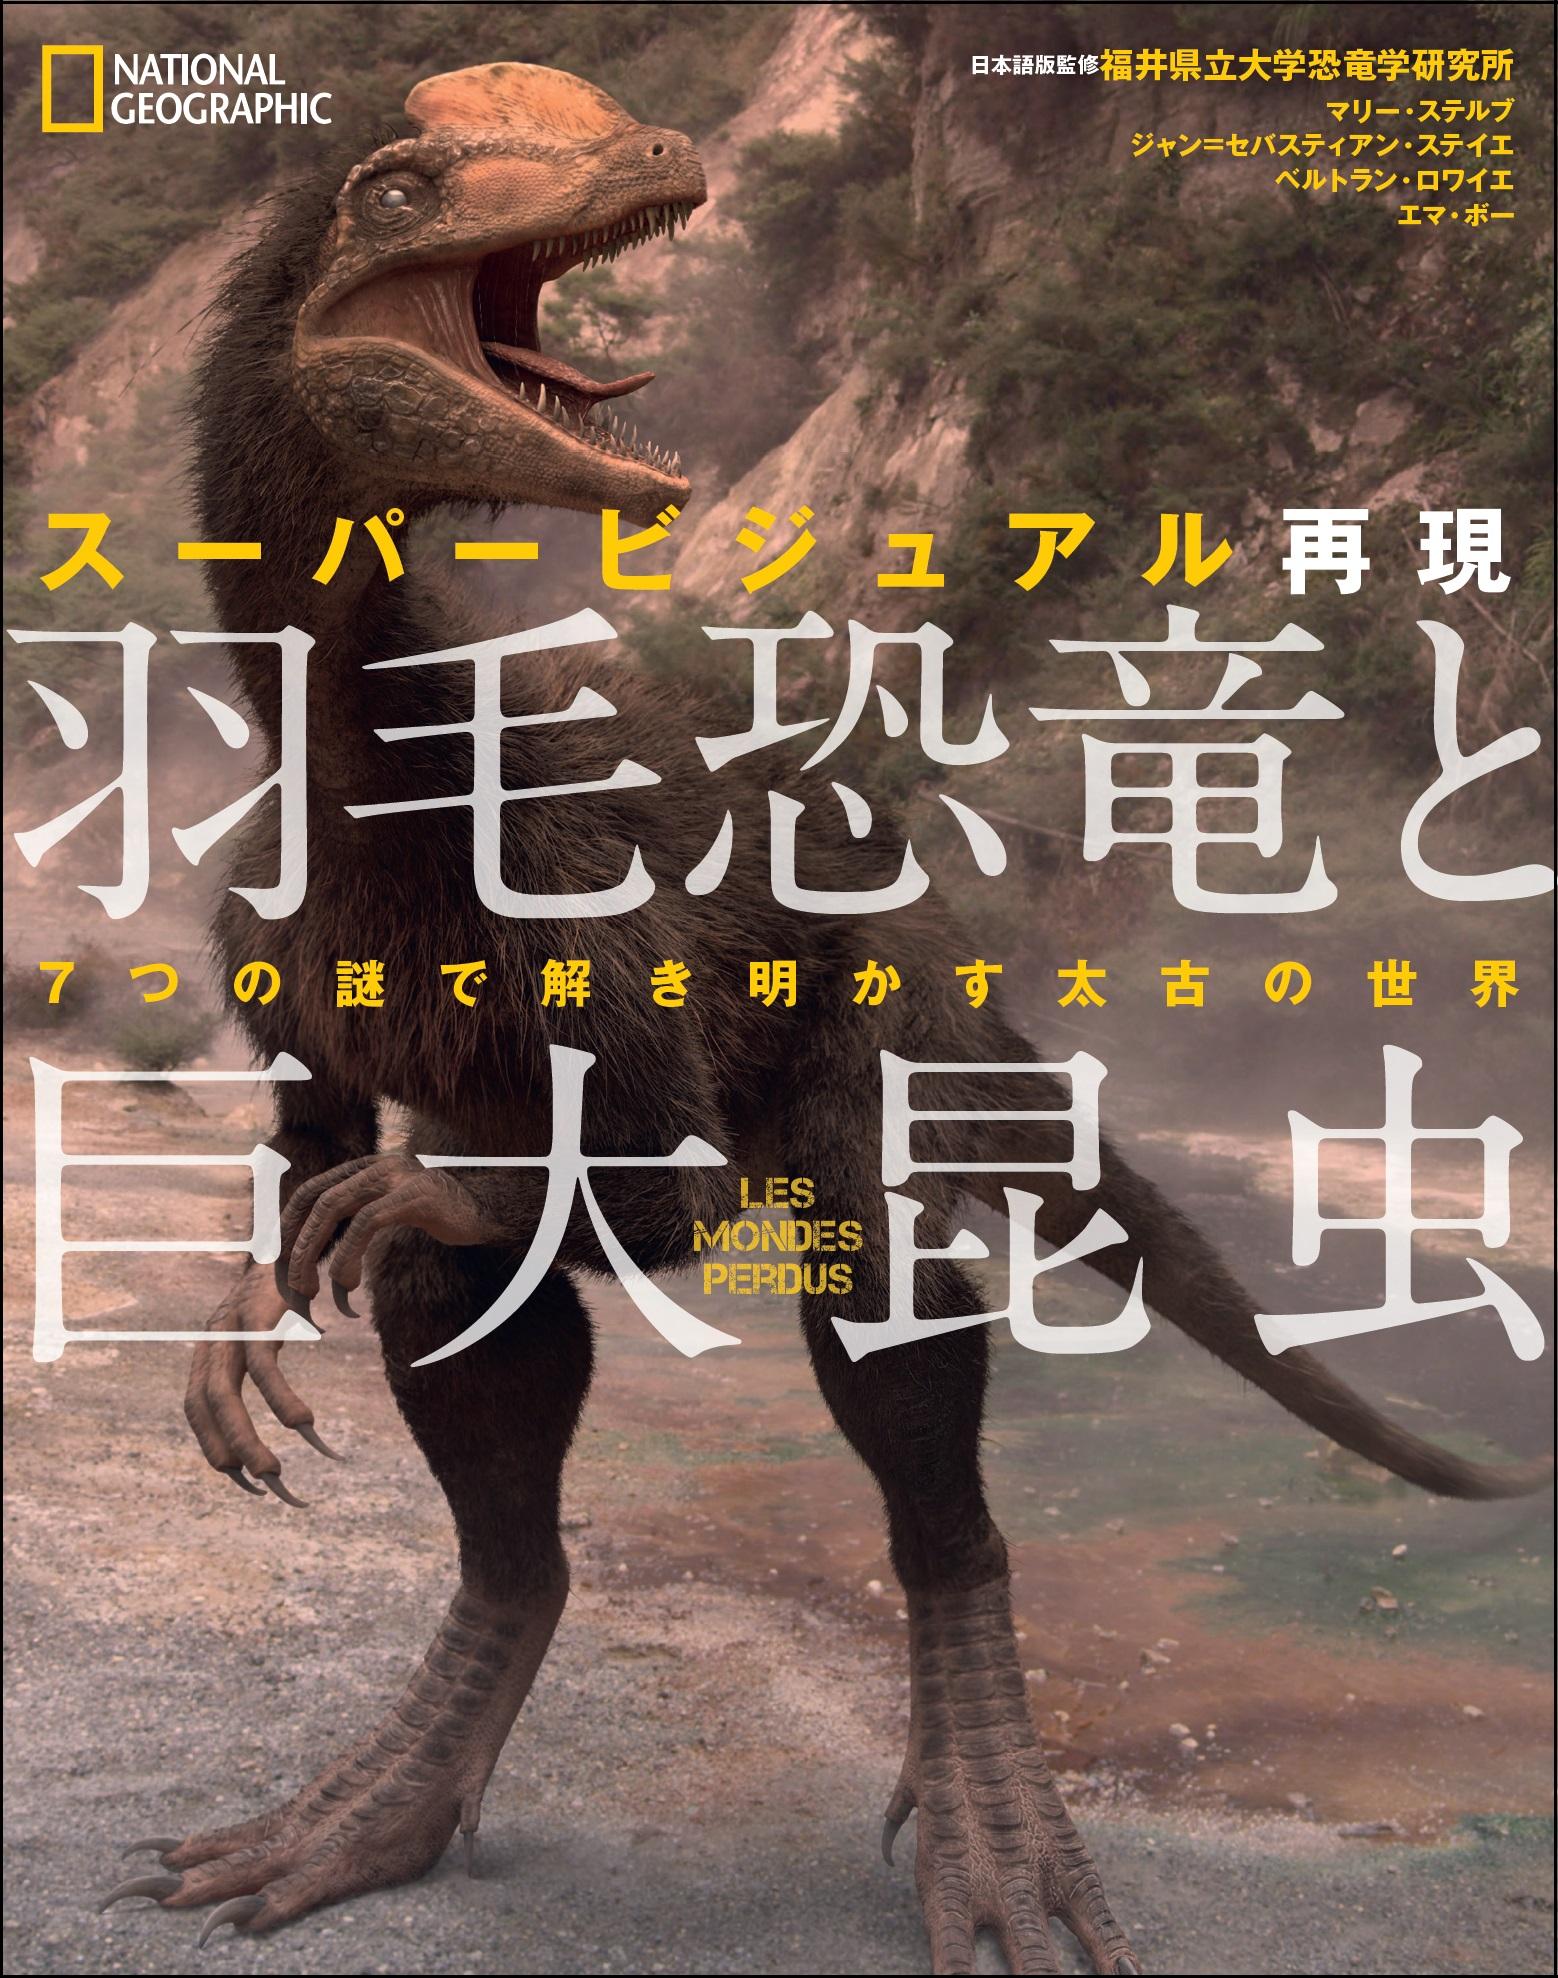 スーパービジュアル再現 羽毛恐竜と巨大昆虫